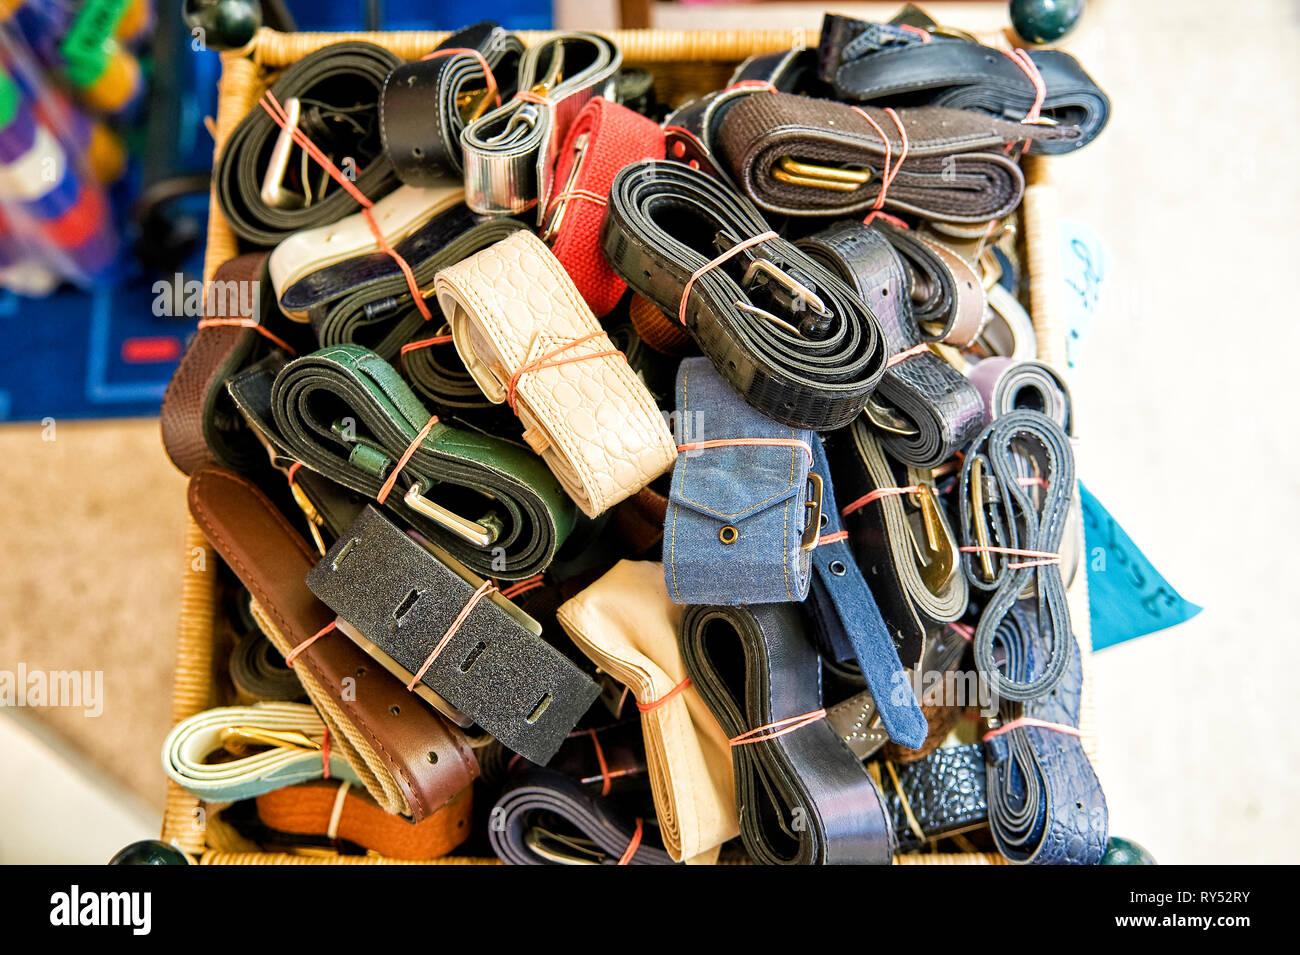 In einem Korb liegen verschiedenste, ordentlich, zusammengerollt Guertel. - Stock Image